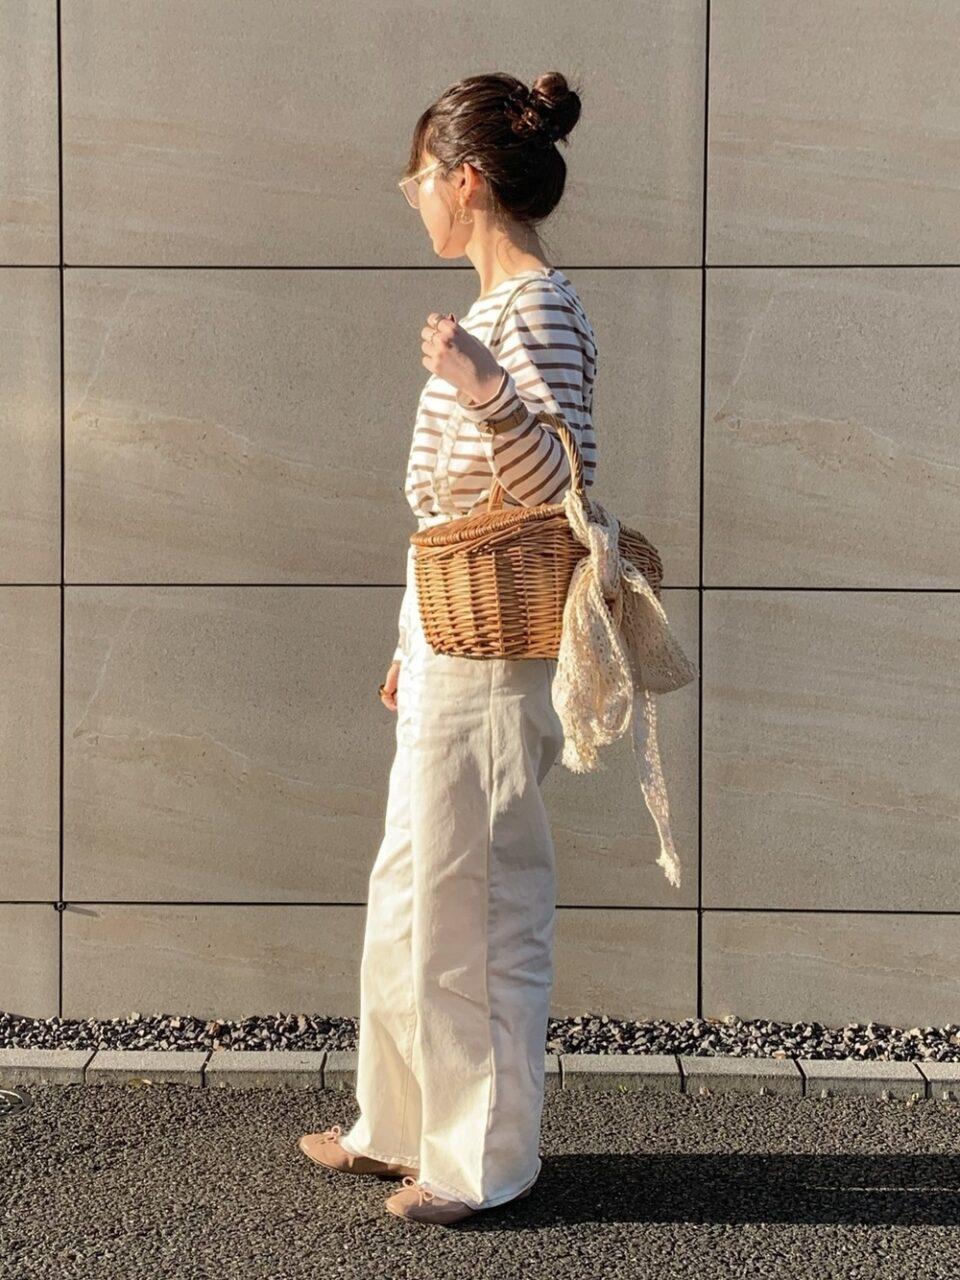 バッグを手に抱え、横向きの女性の全身写真